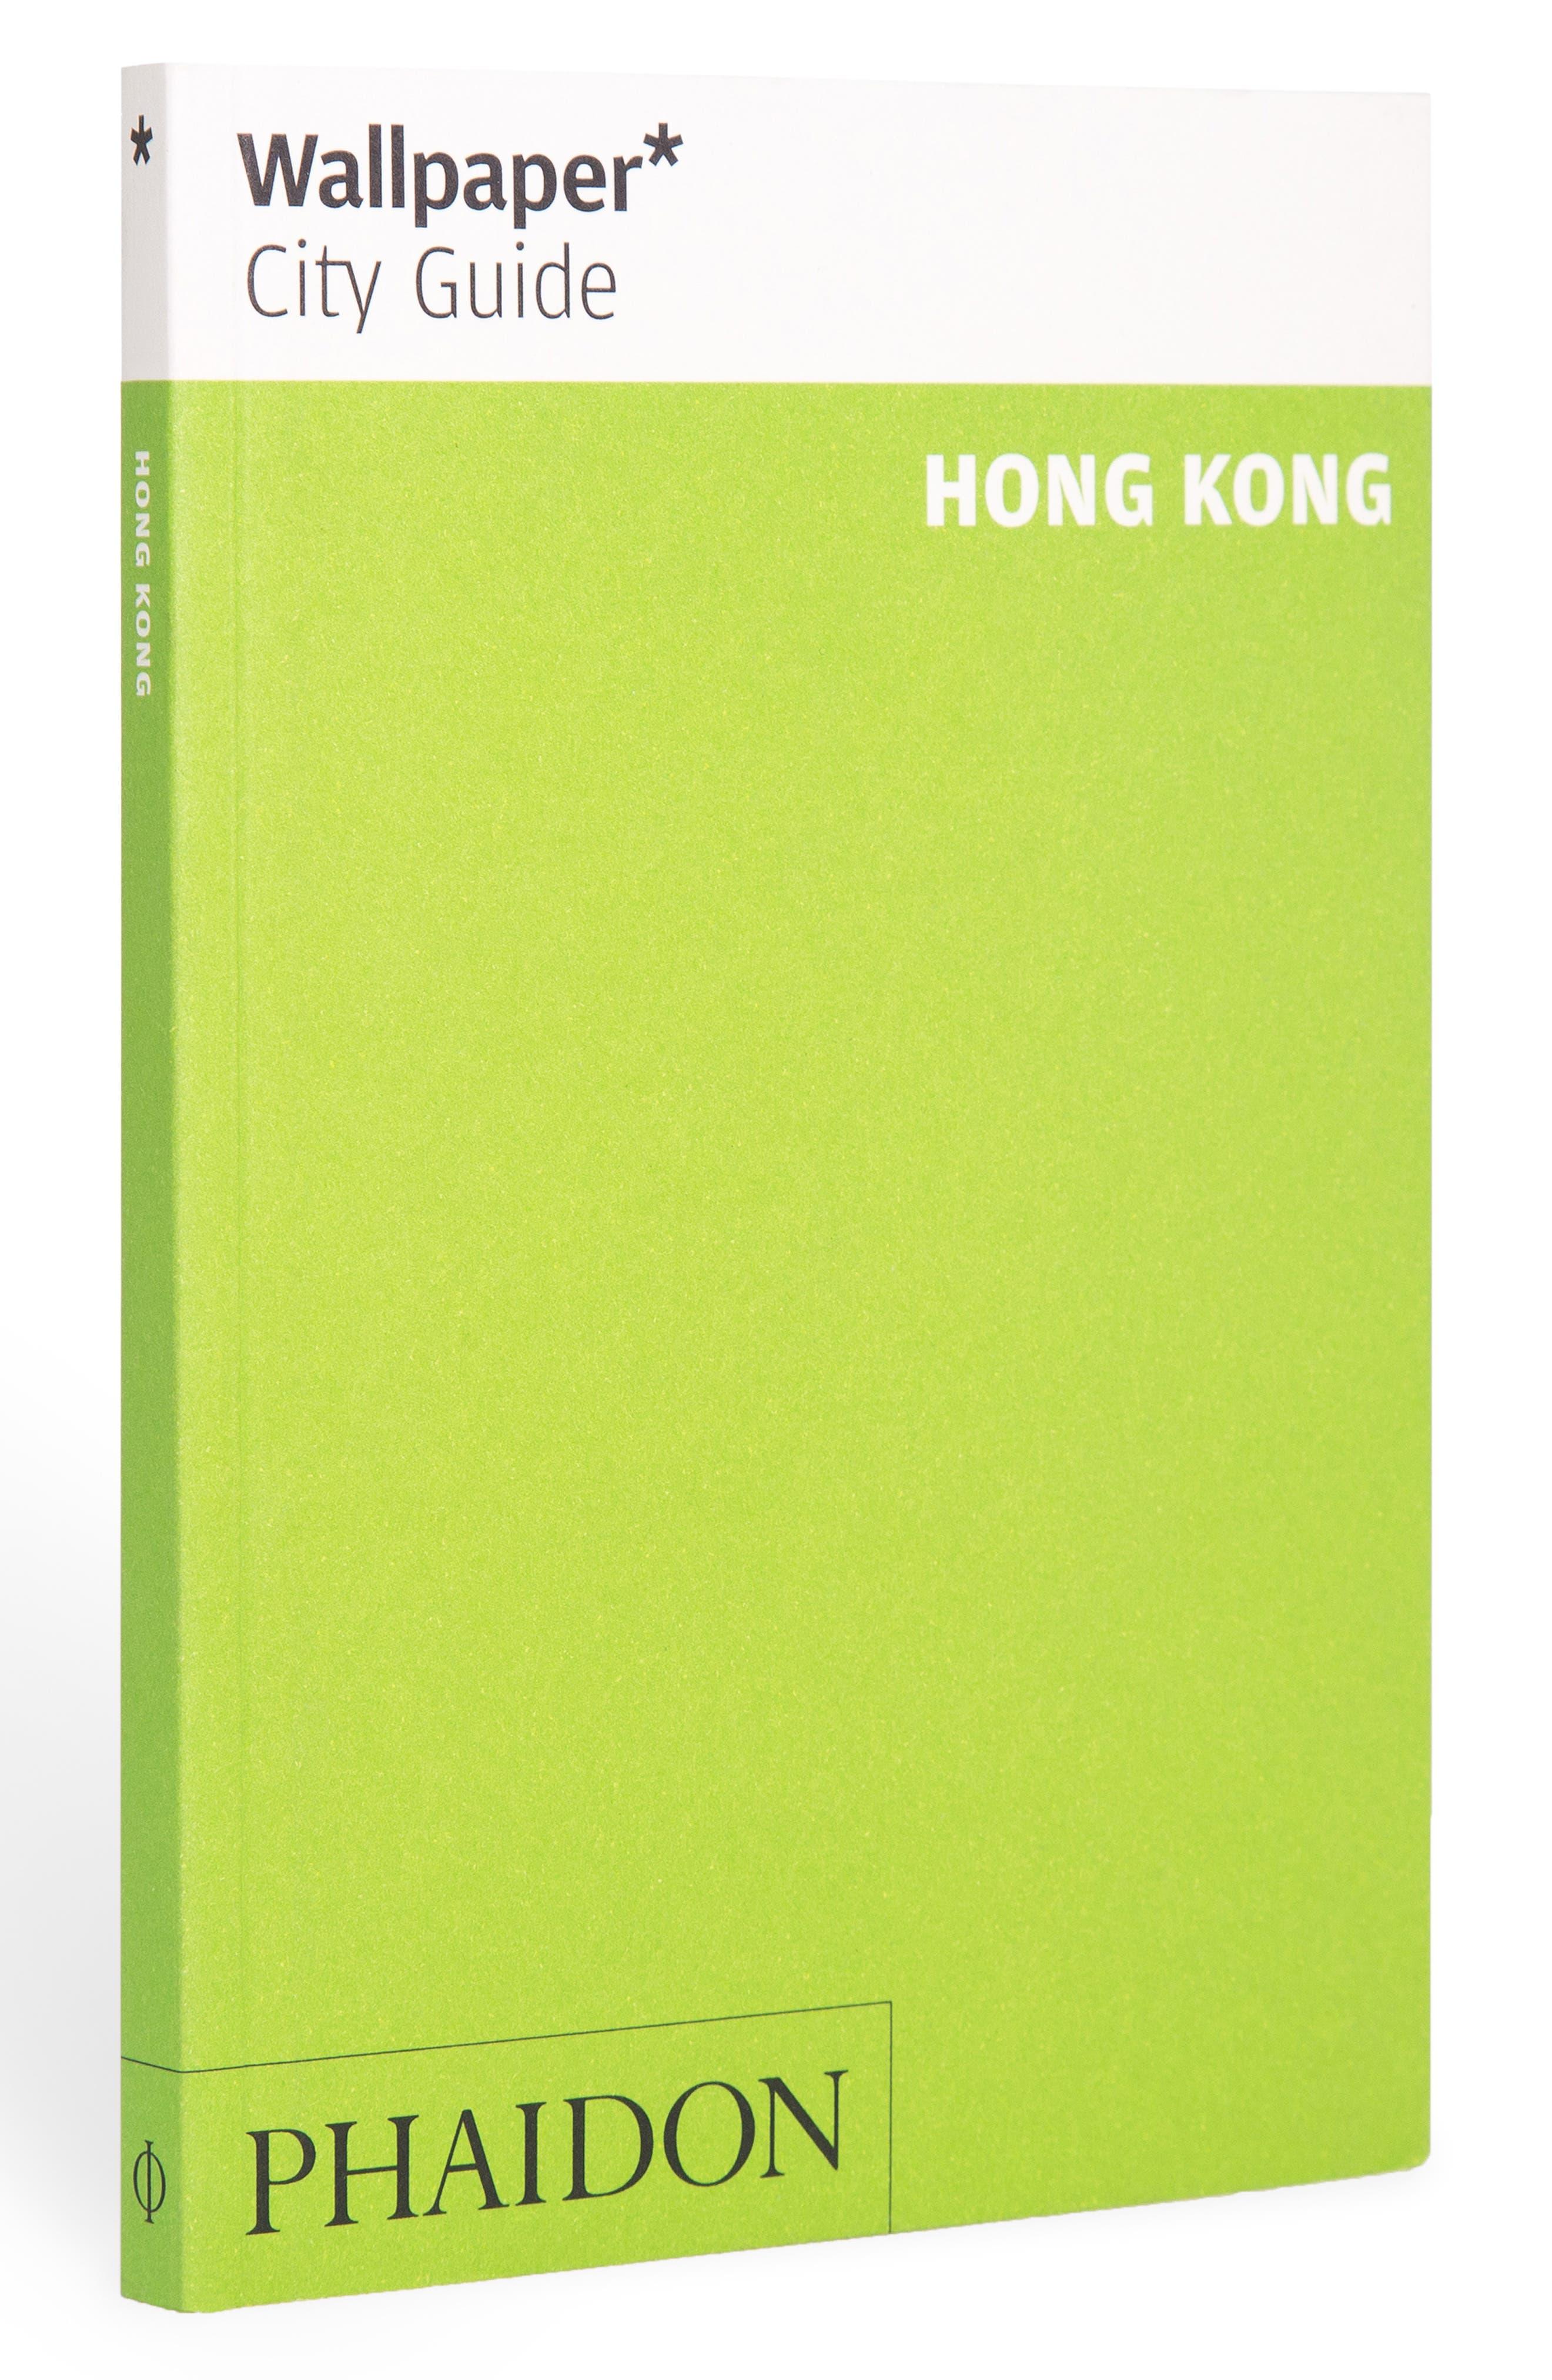 ISBN 9780714876535